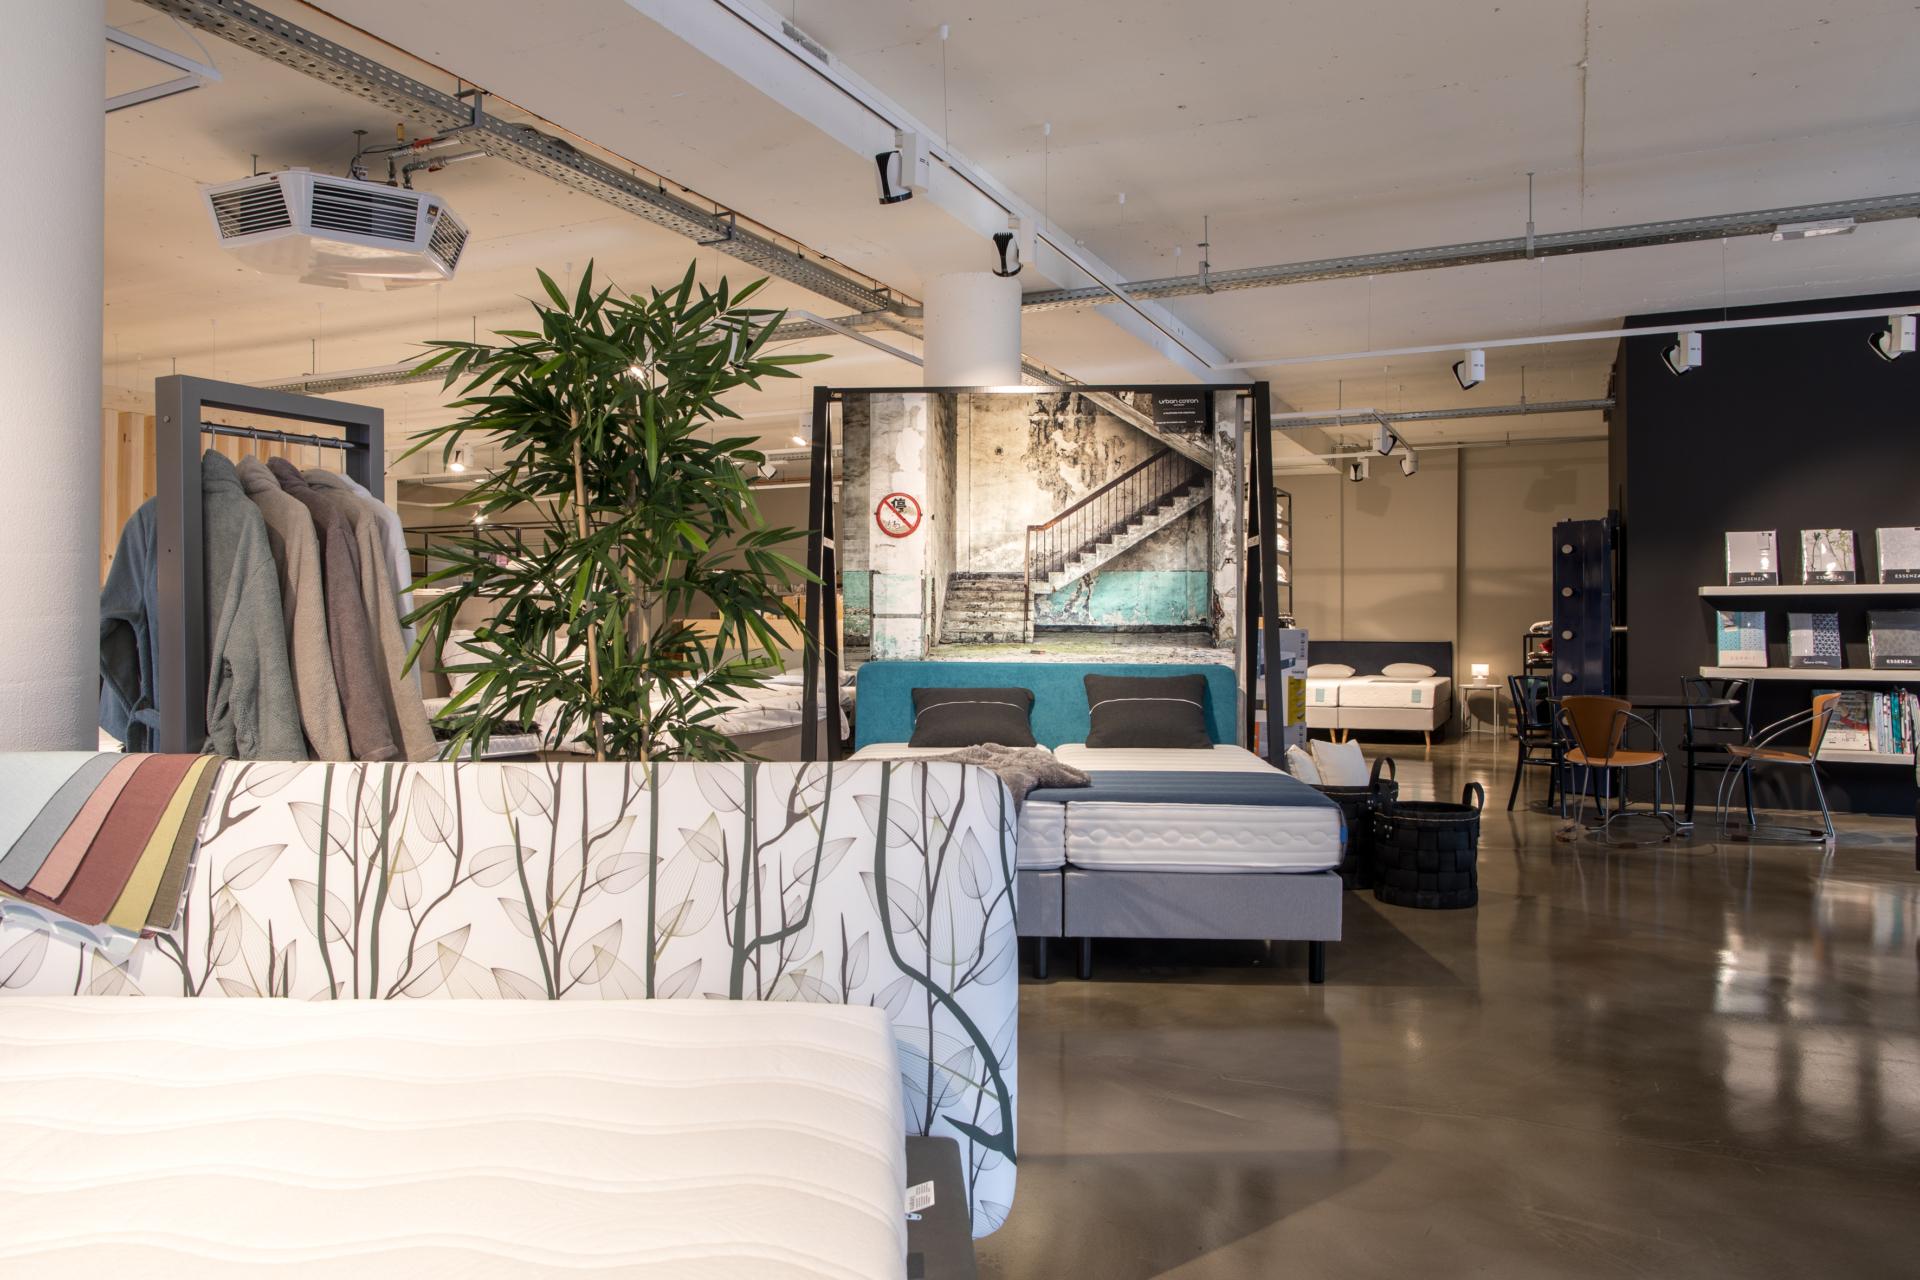 Bedding Slaapcomfort, onze showroom